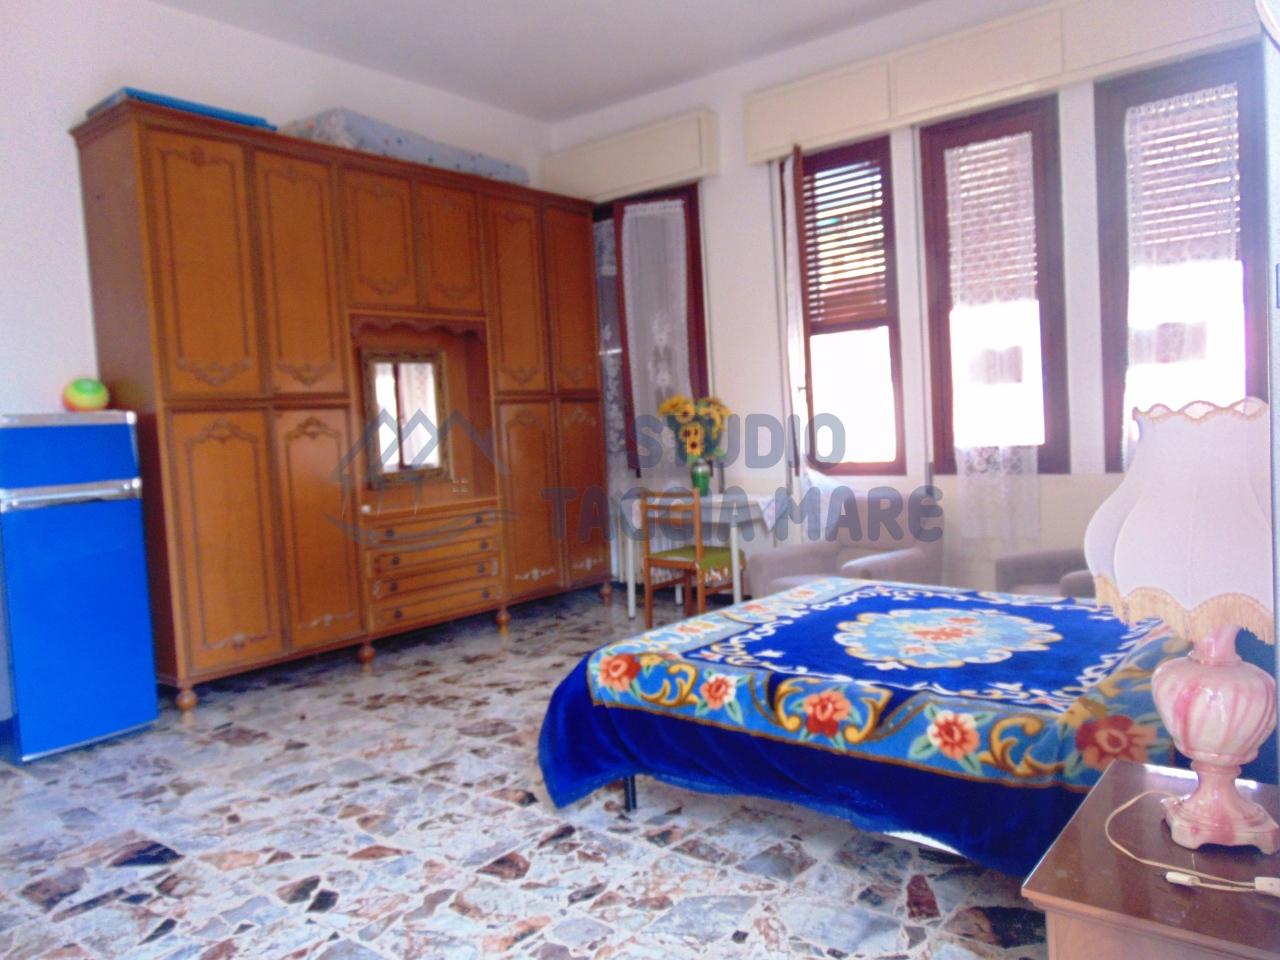 Appartamento in vendita a Taggia, 4 locali, prezzo € 289.000 | CambioCasa.it